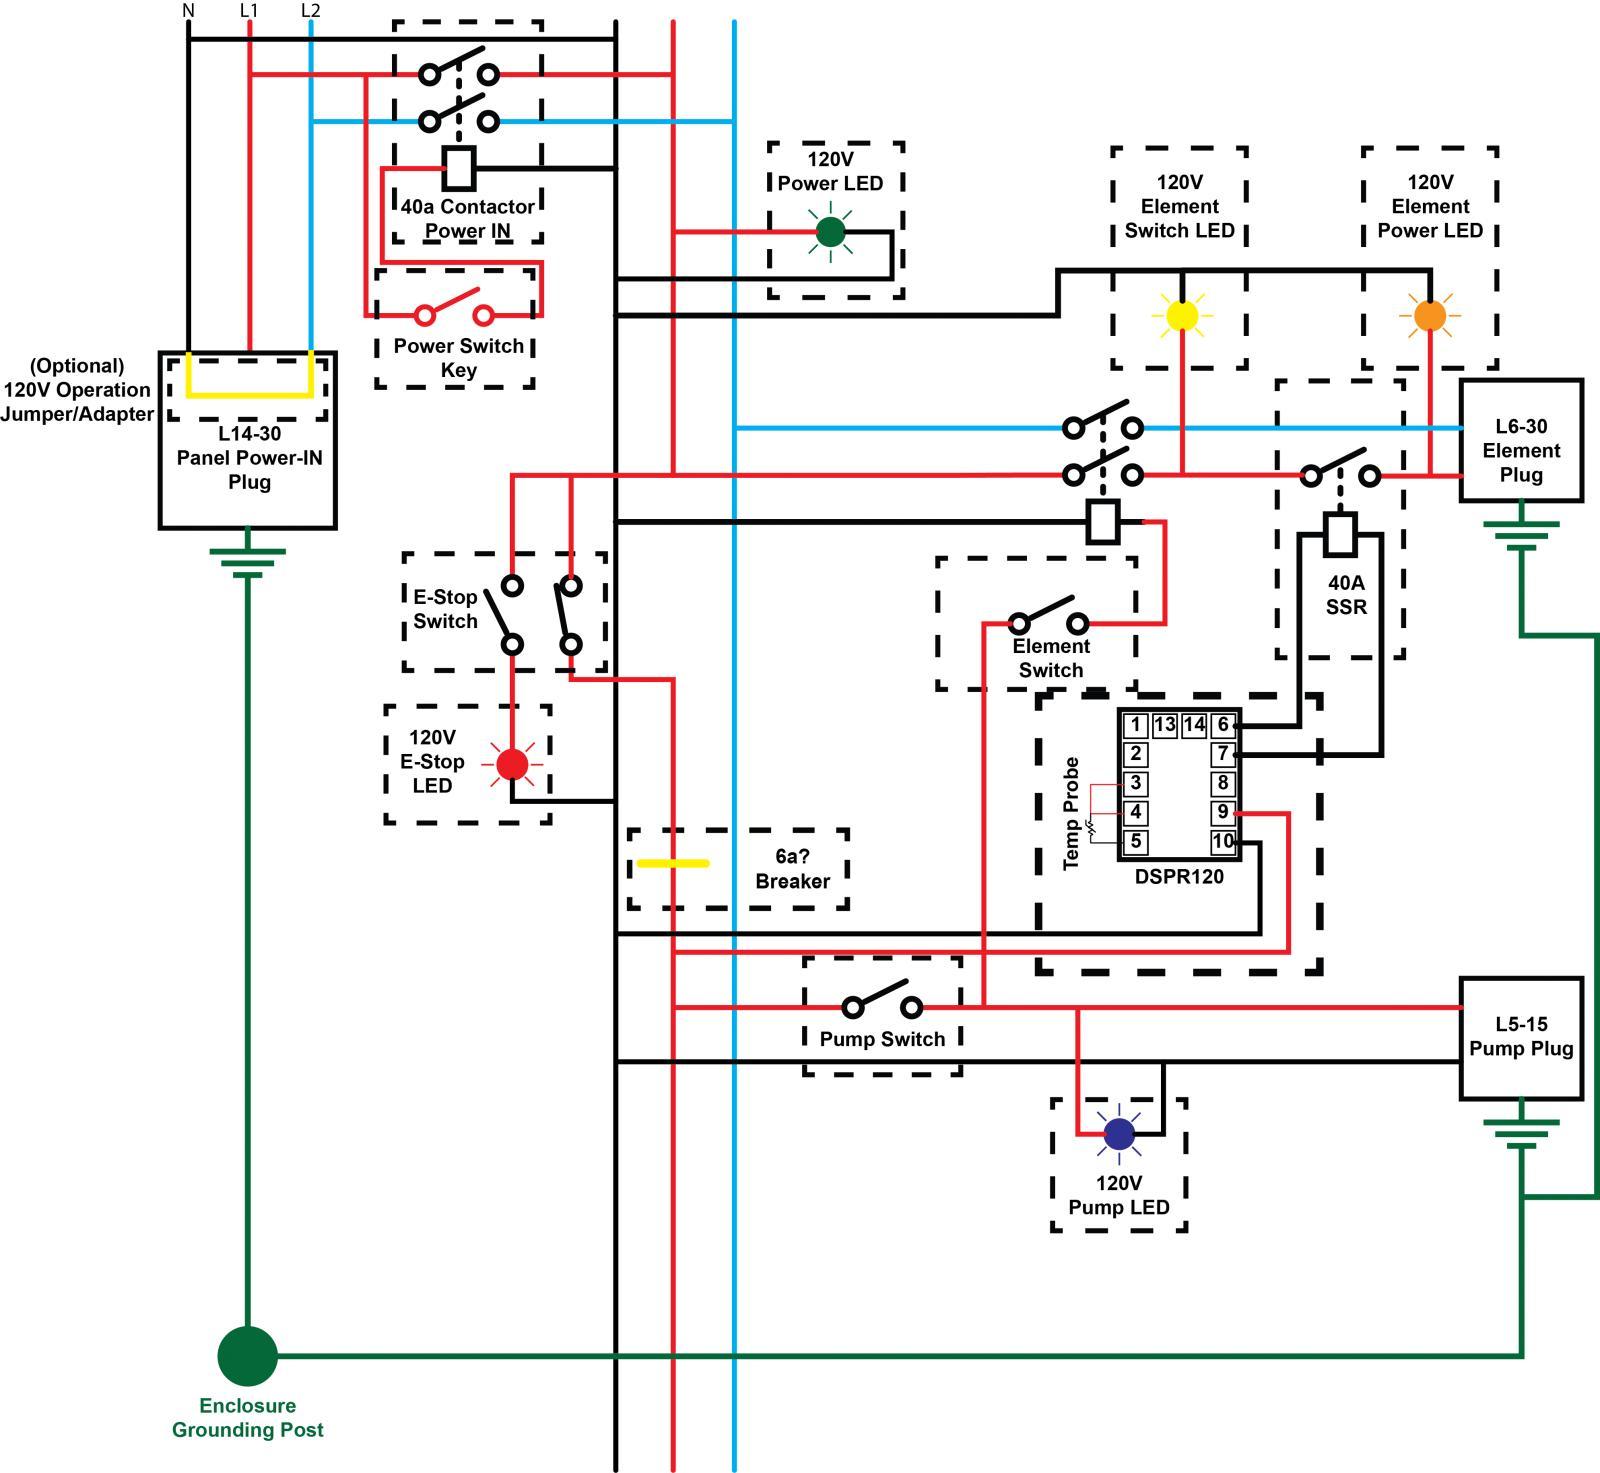 dorable 240v wiring diagram crest